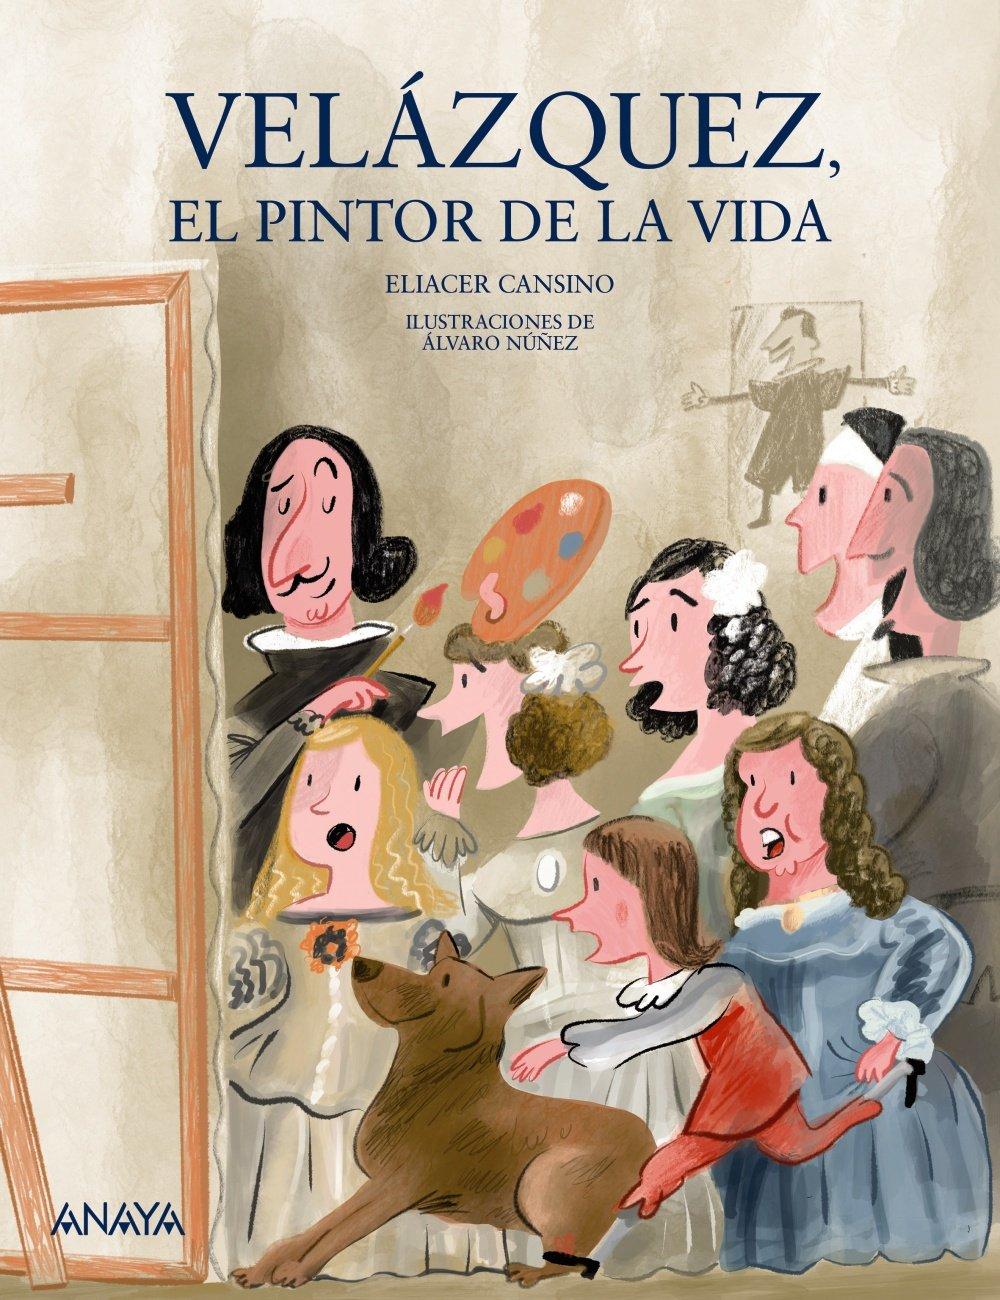 Velázquez, el pintor de la vida (Spanish Edition)